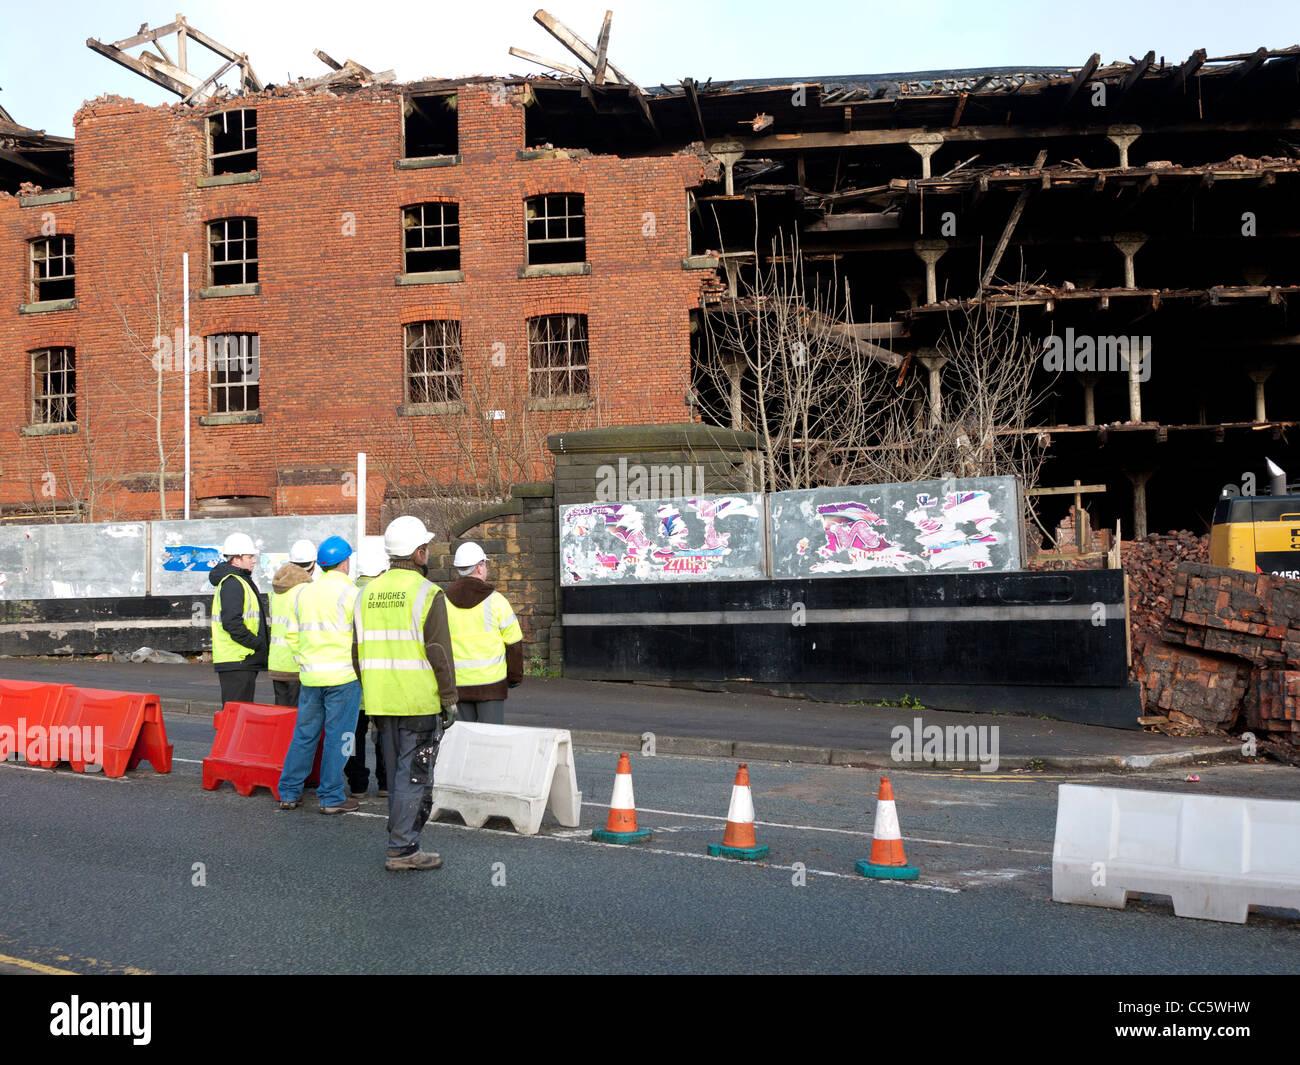 The Old Railway warehouse being demolished, Oldham, Lancashire, England, UK. - Stock Image